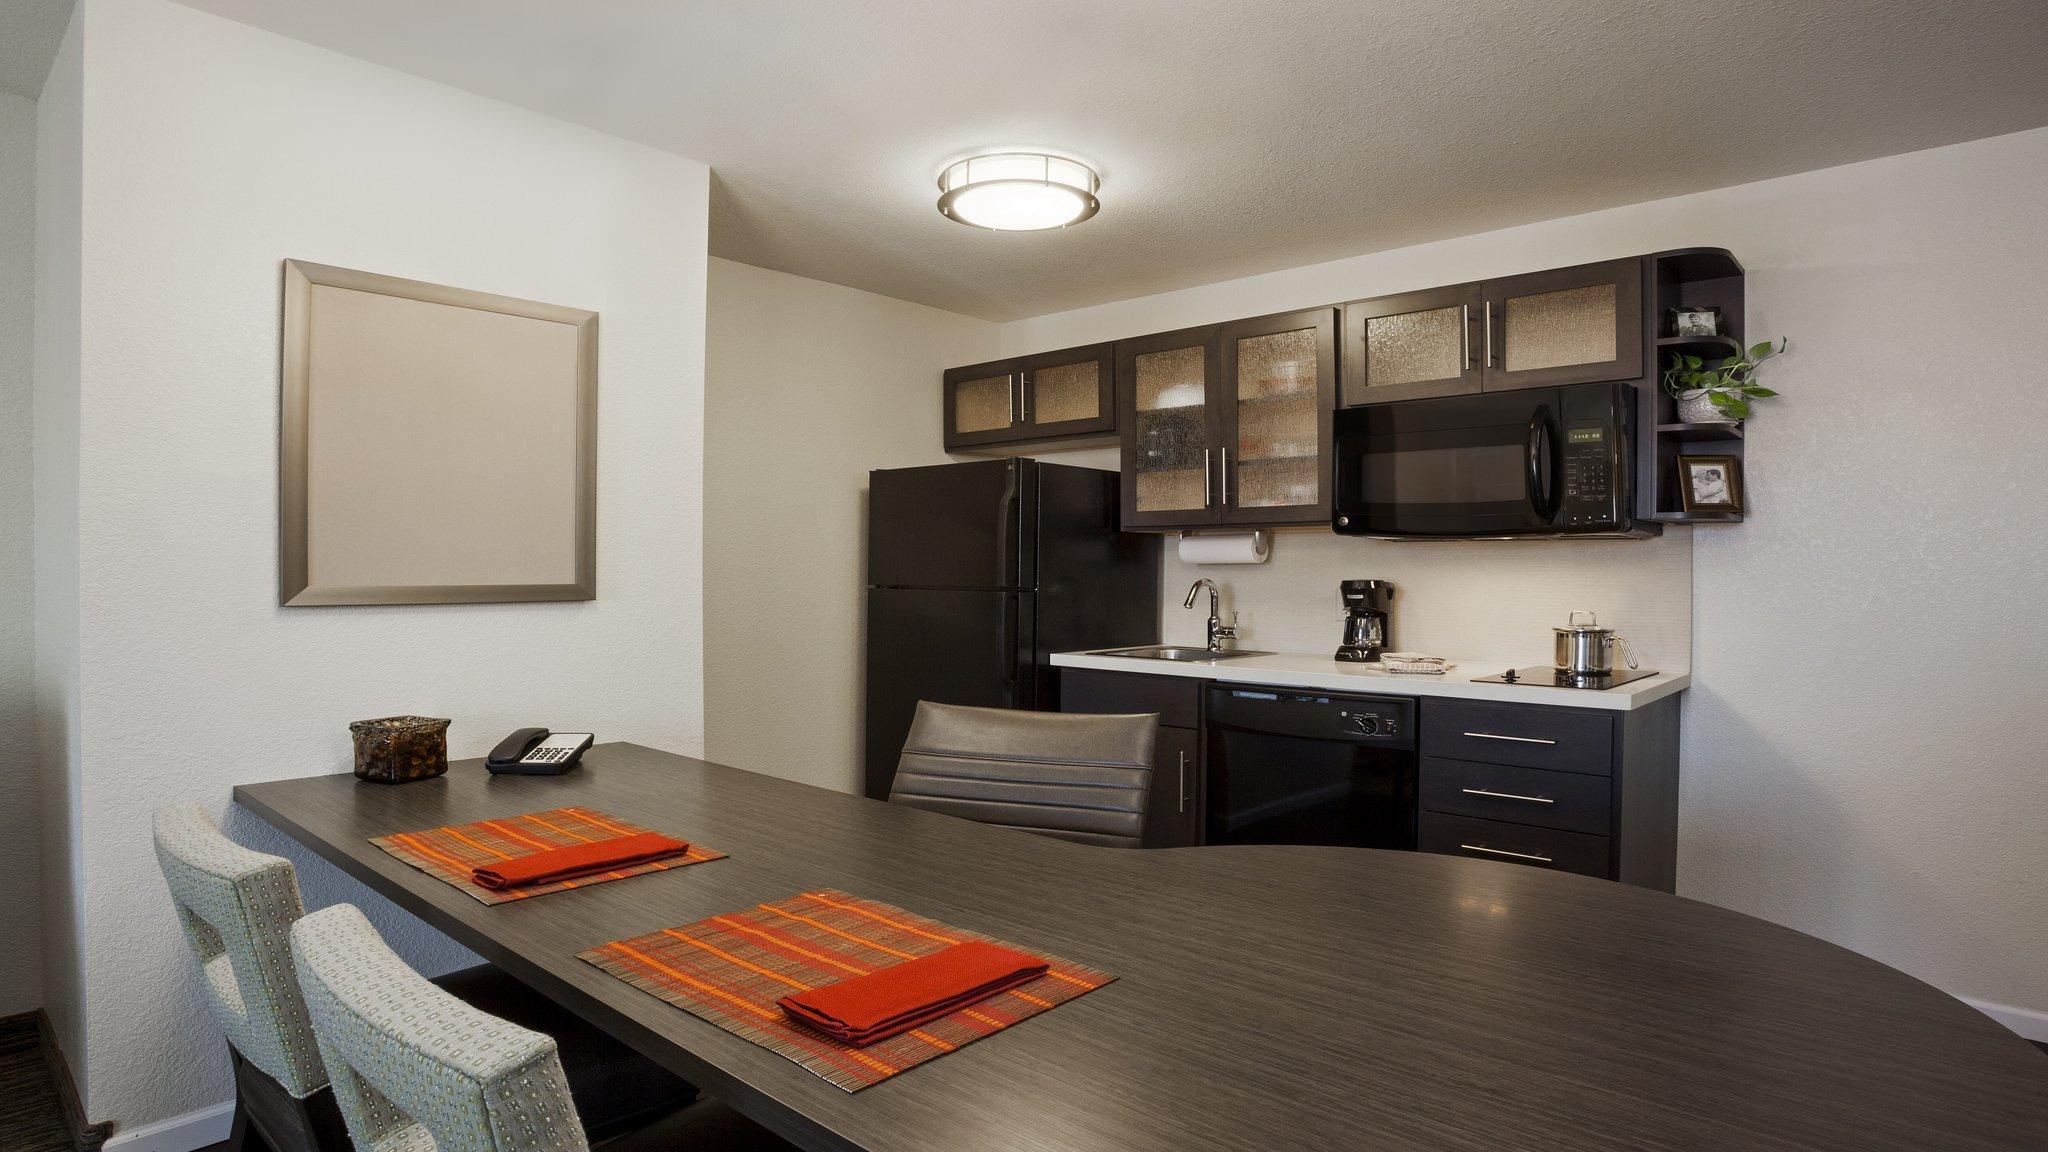 Candlewood Suites Harlingen